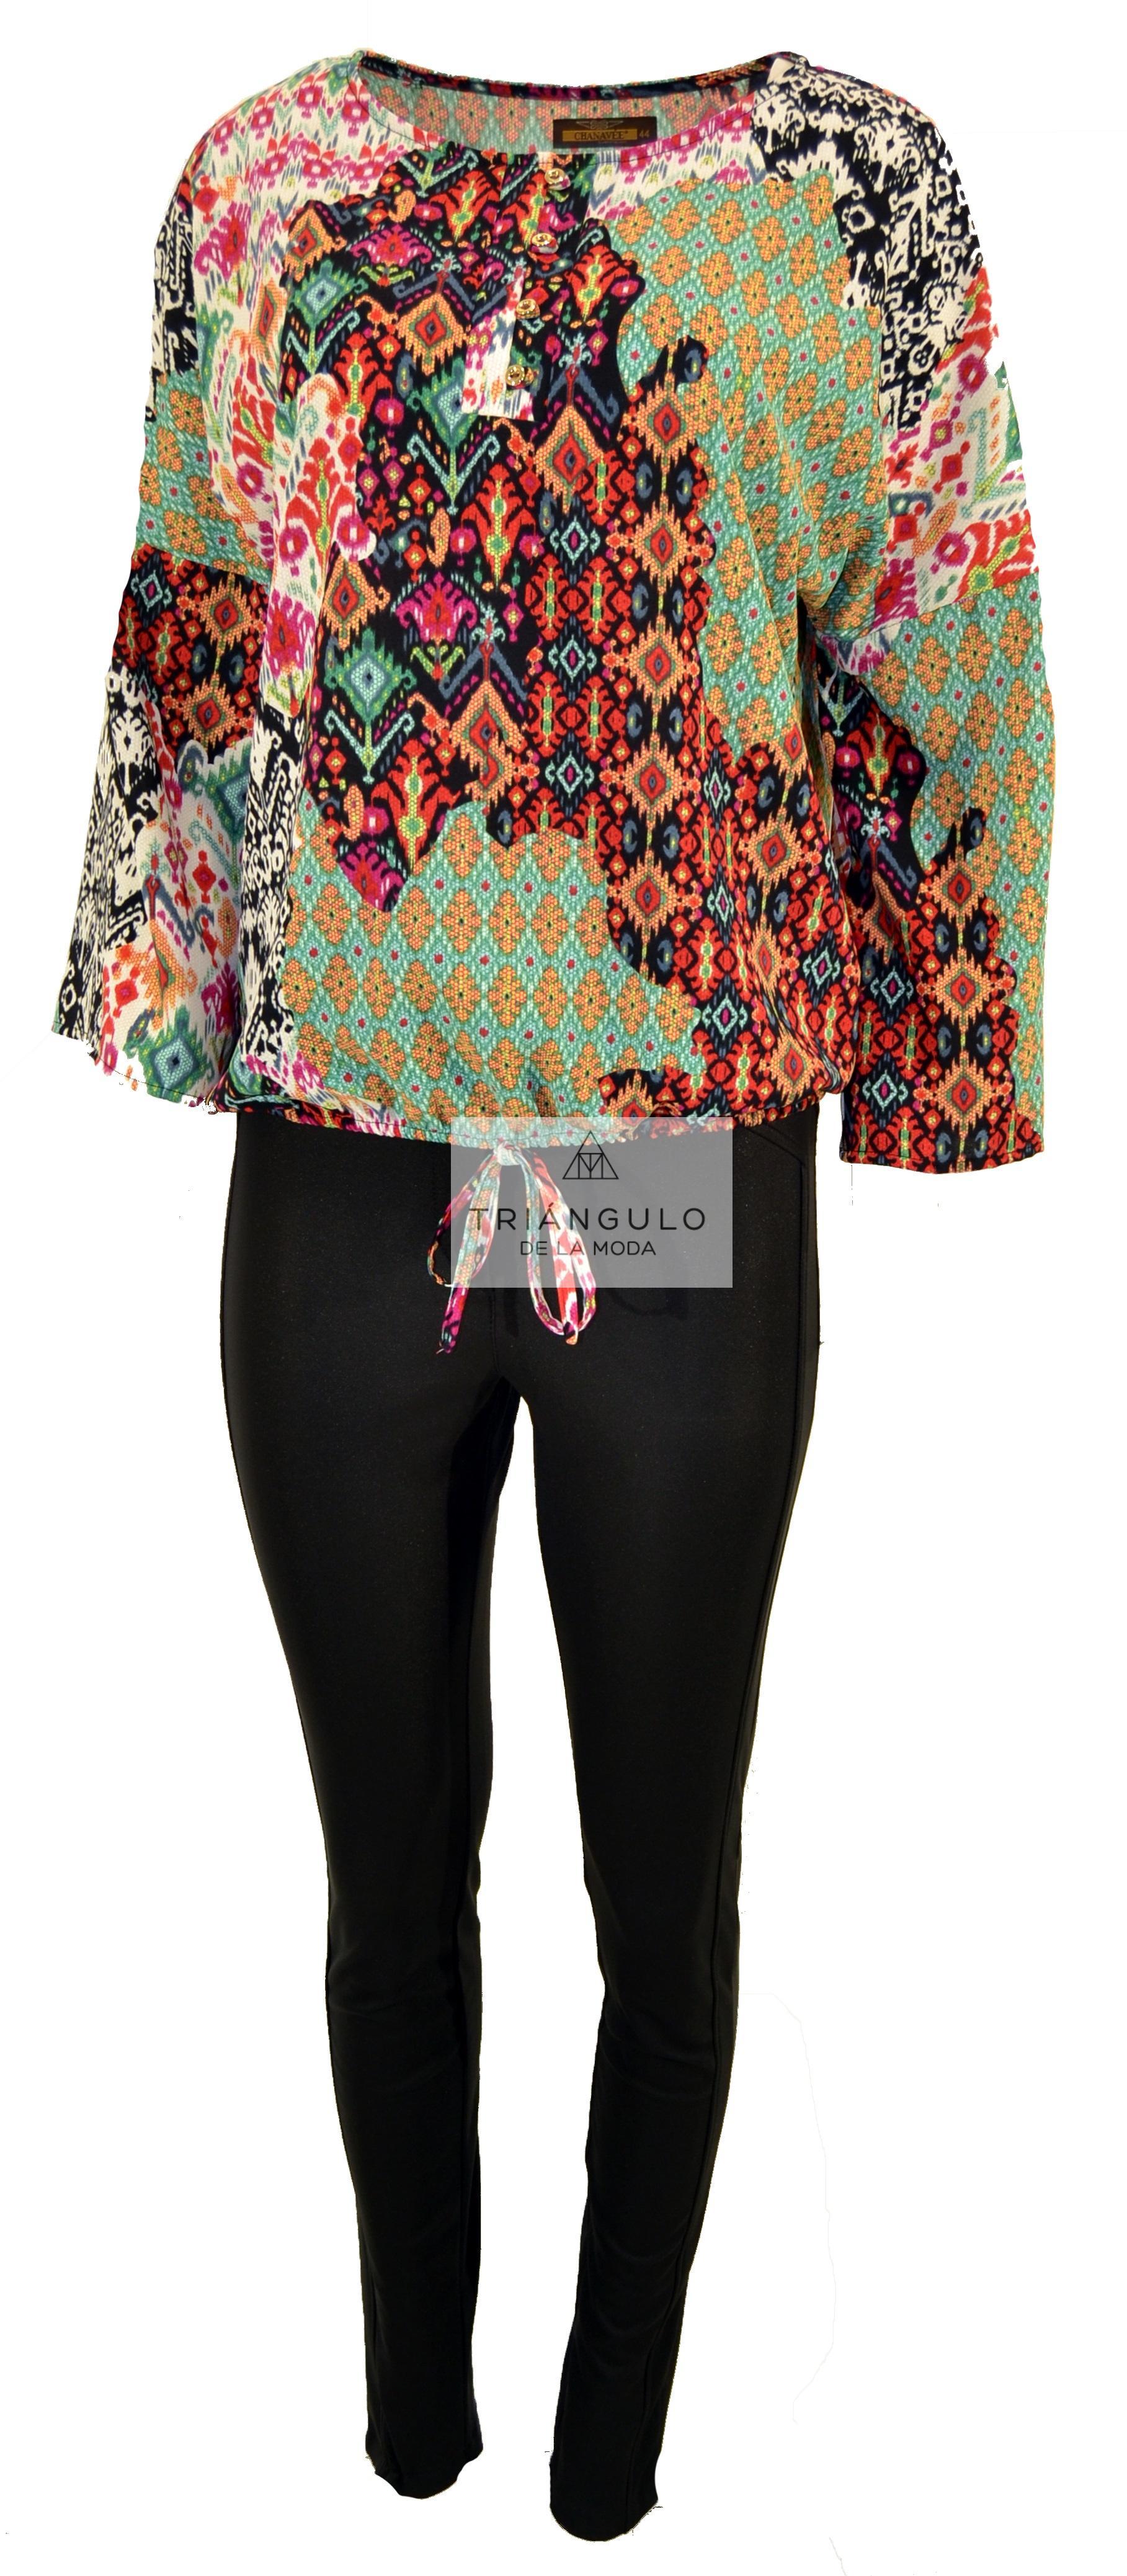 Tienda online del Triangulo de la Moda BLUSA